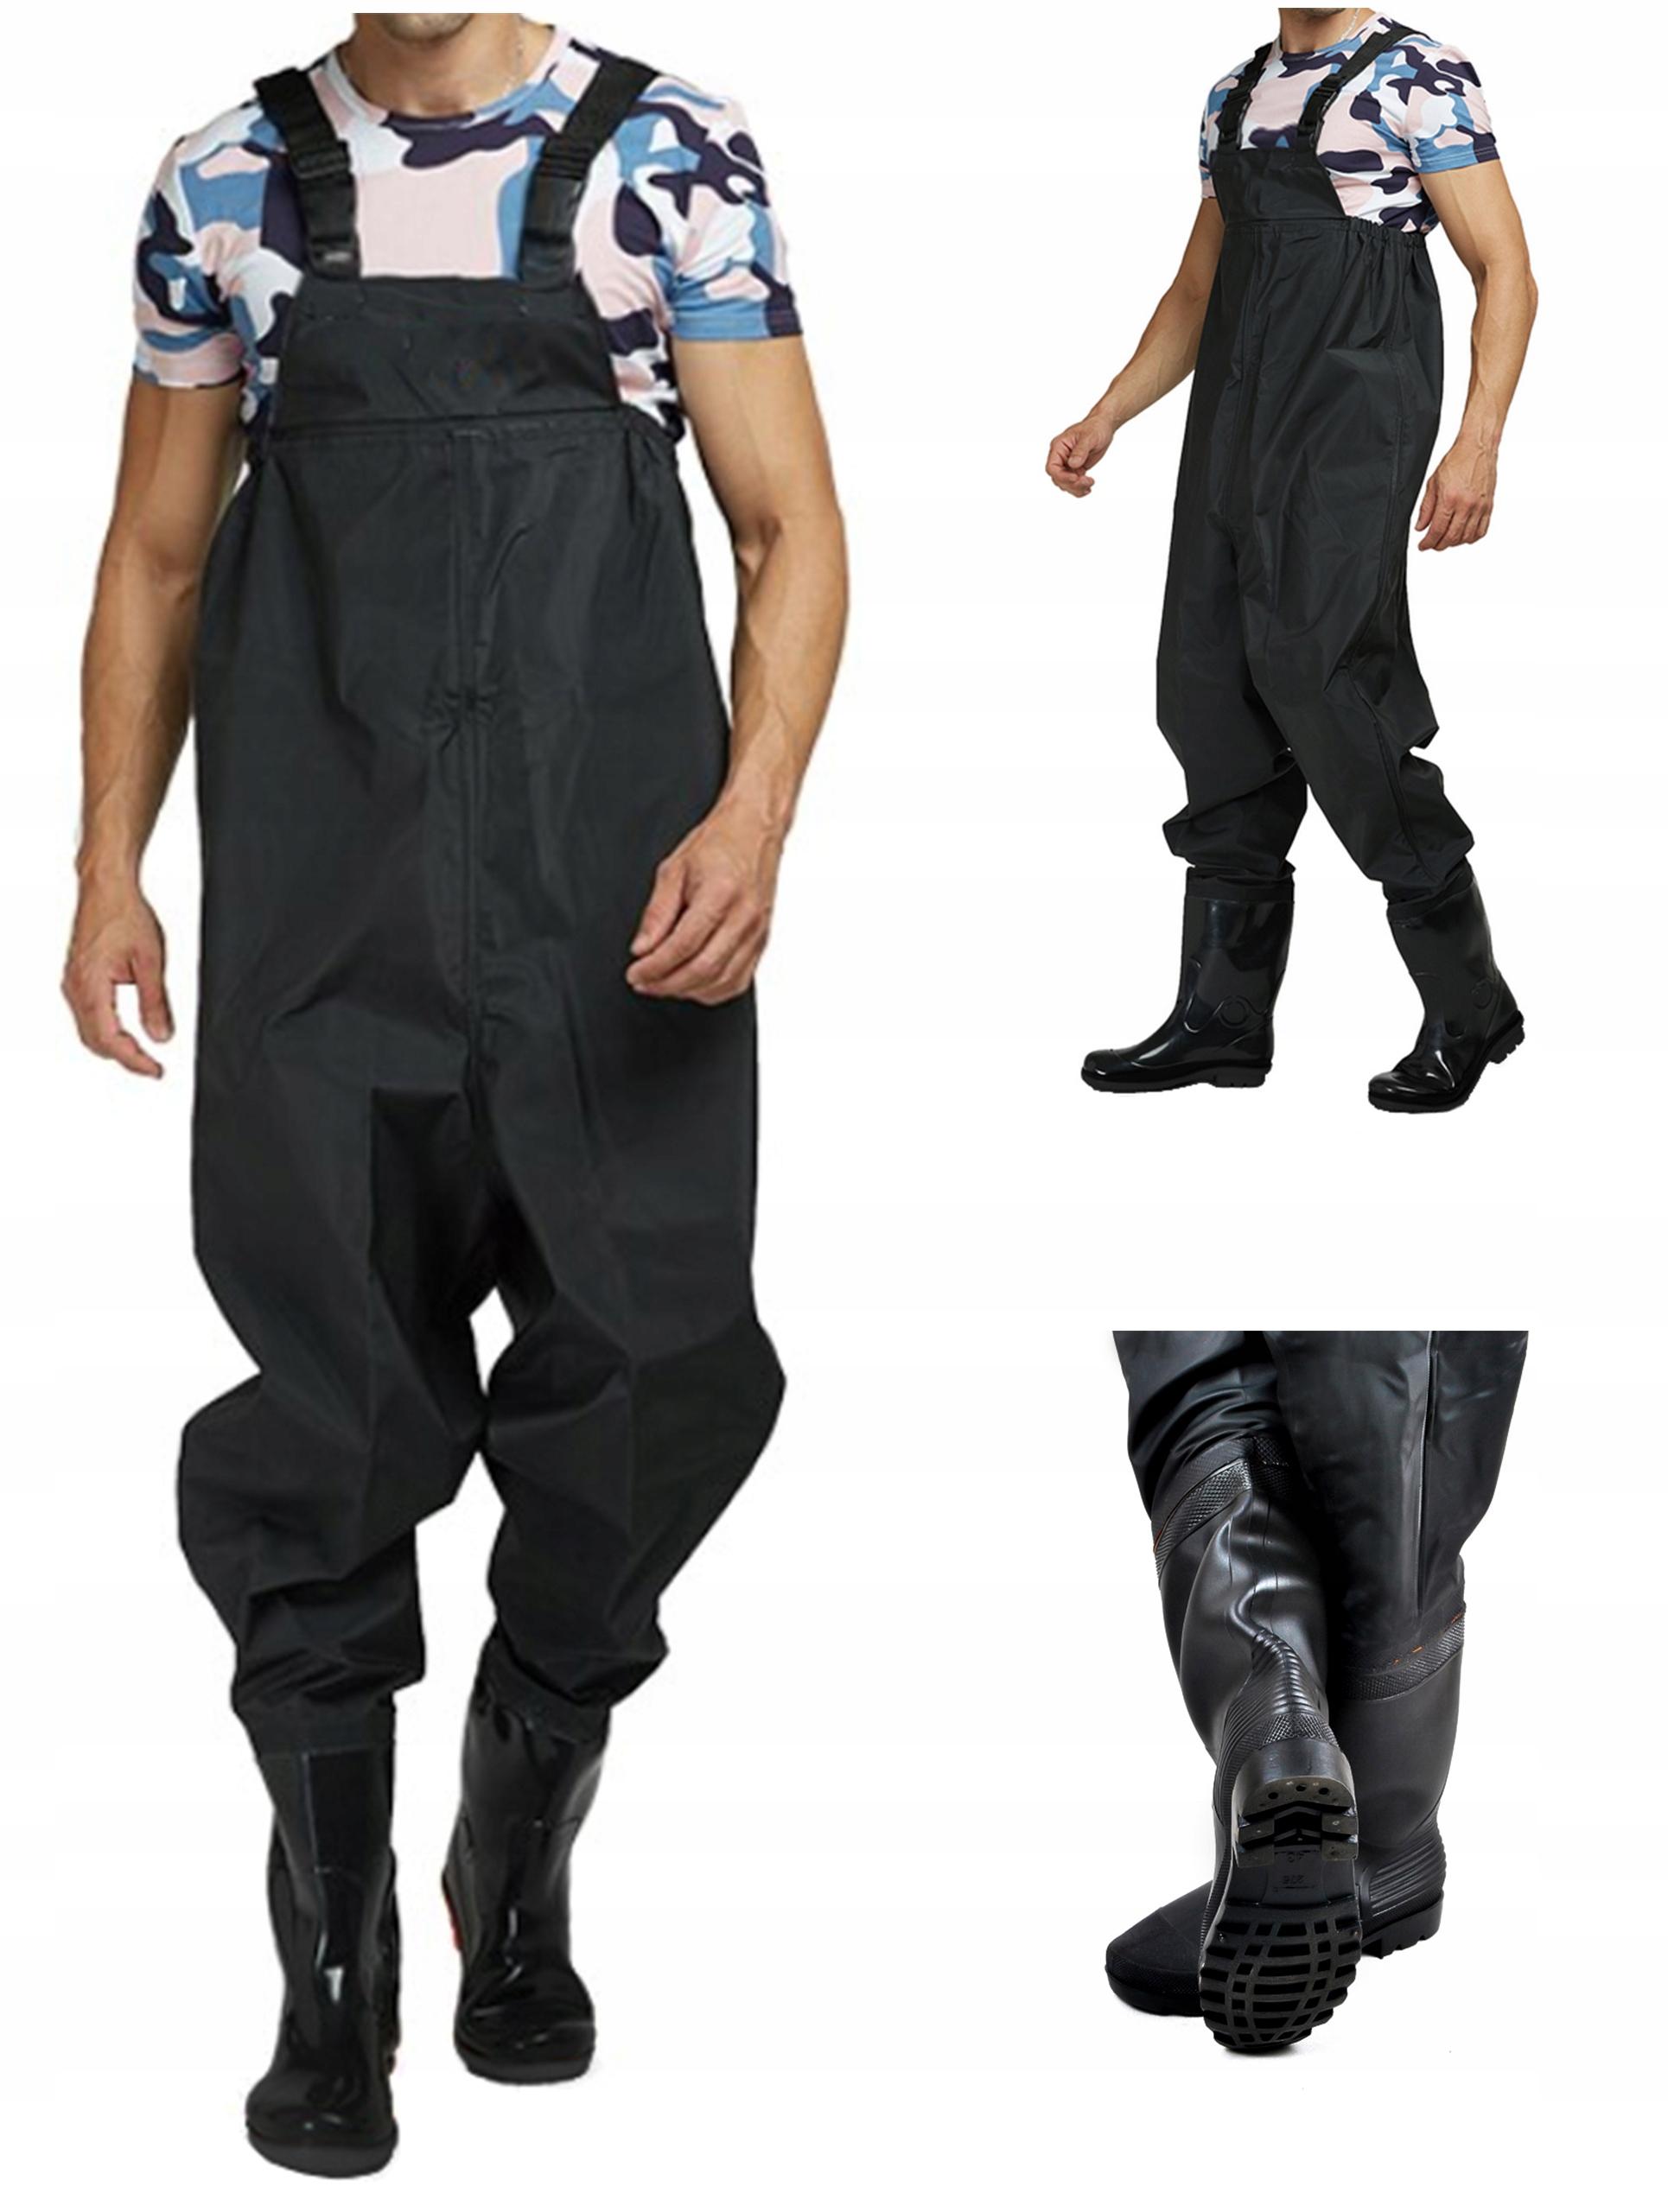 Wodery Spodniobuty Spodnie Wędkarskie 43 + Szelki